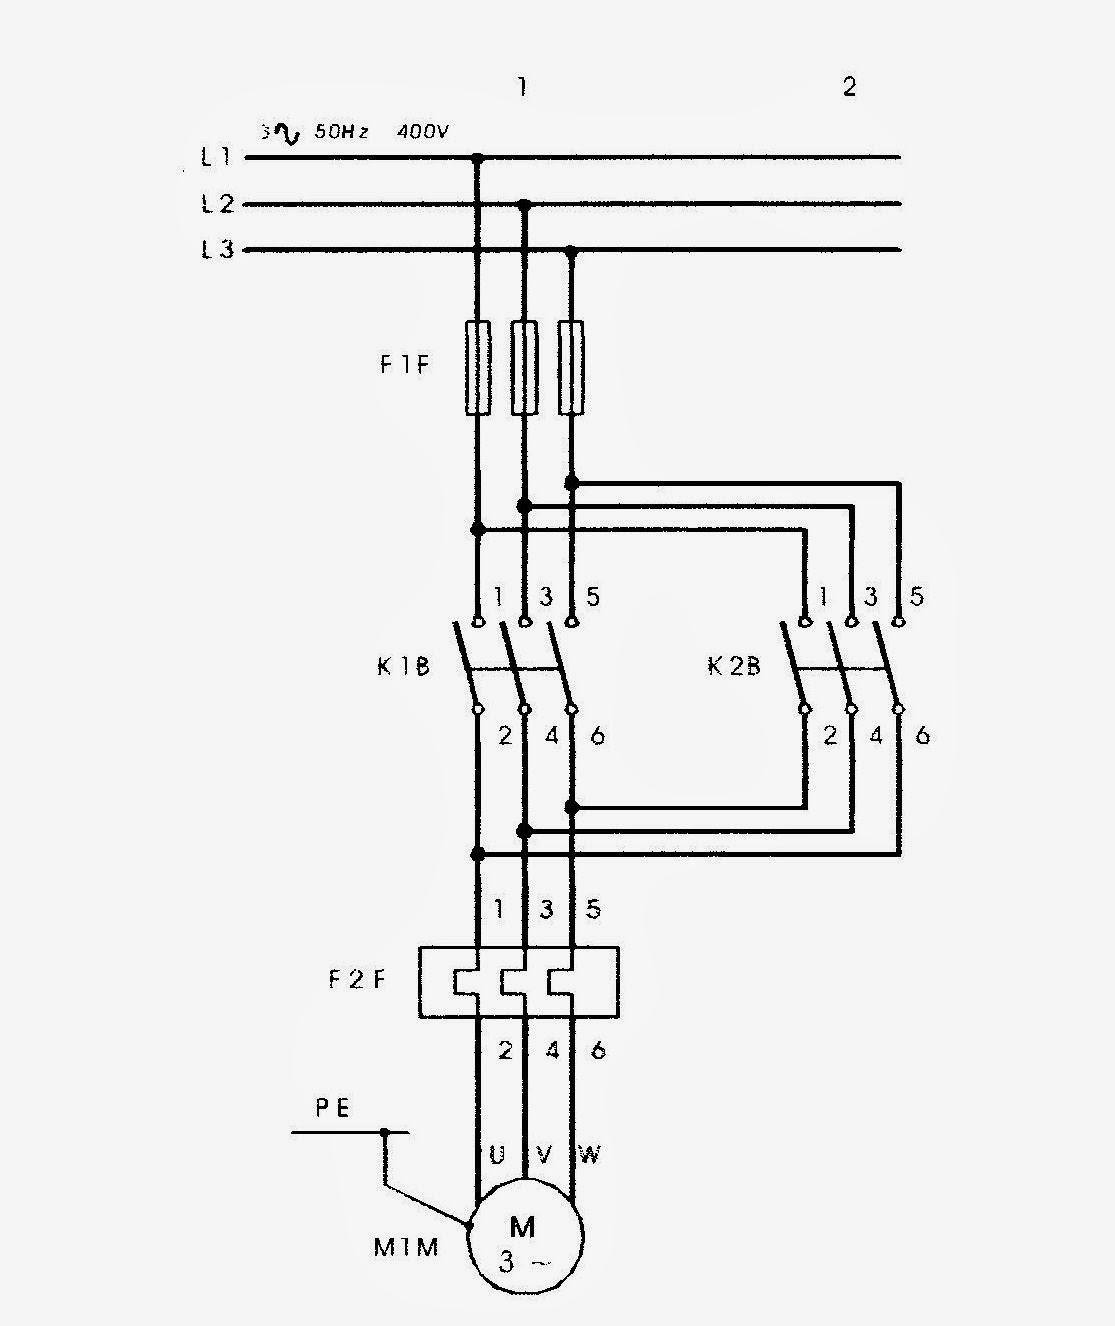 Circuito Significado : TecnologÍa electrÓnica : subcircuito de enclavamiento